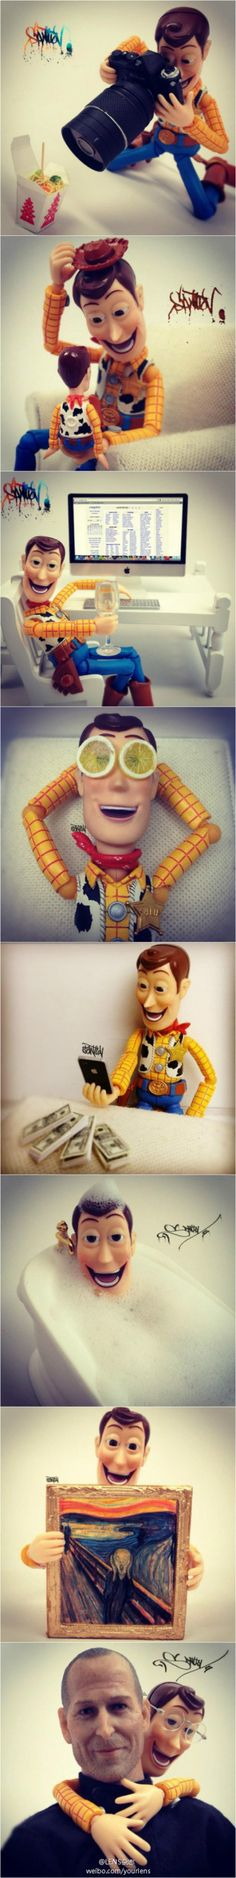 Cowboy Woody by Santlov